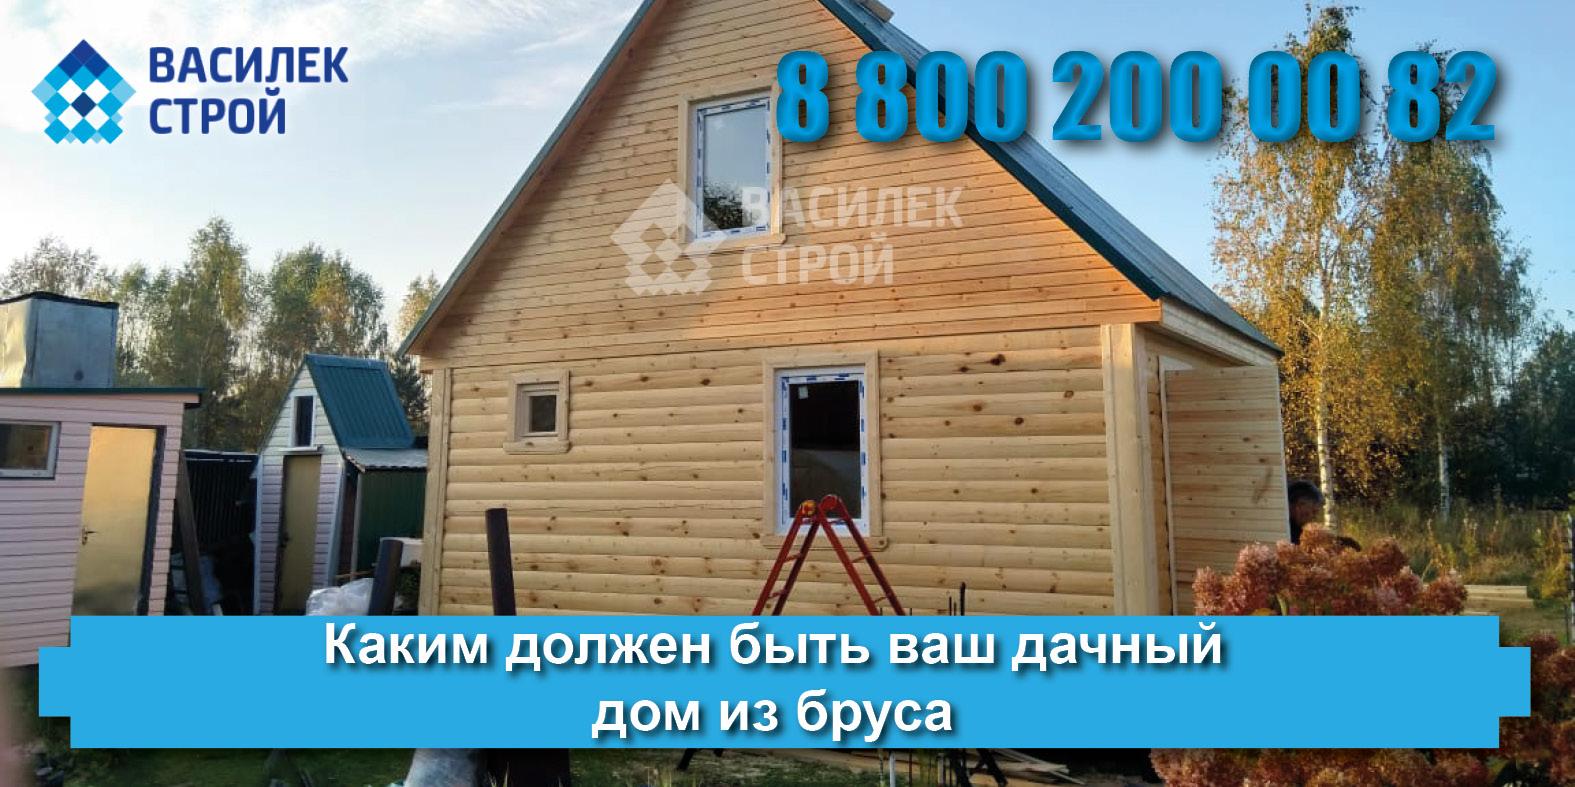 Как правильно выбрать проект дачного дома из бруса 6х6 строим недорогие дачные дома из бруса быстро и качественно